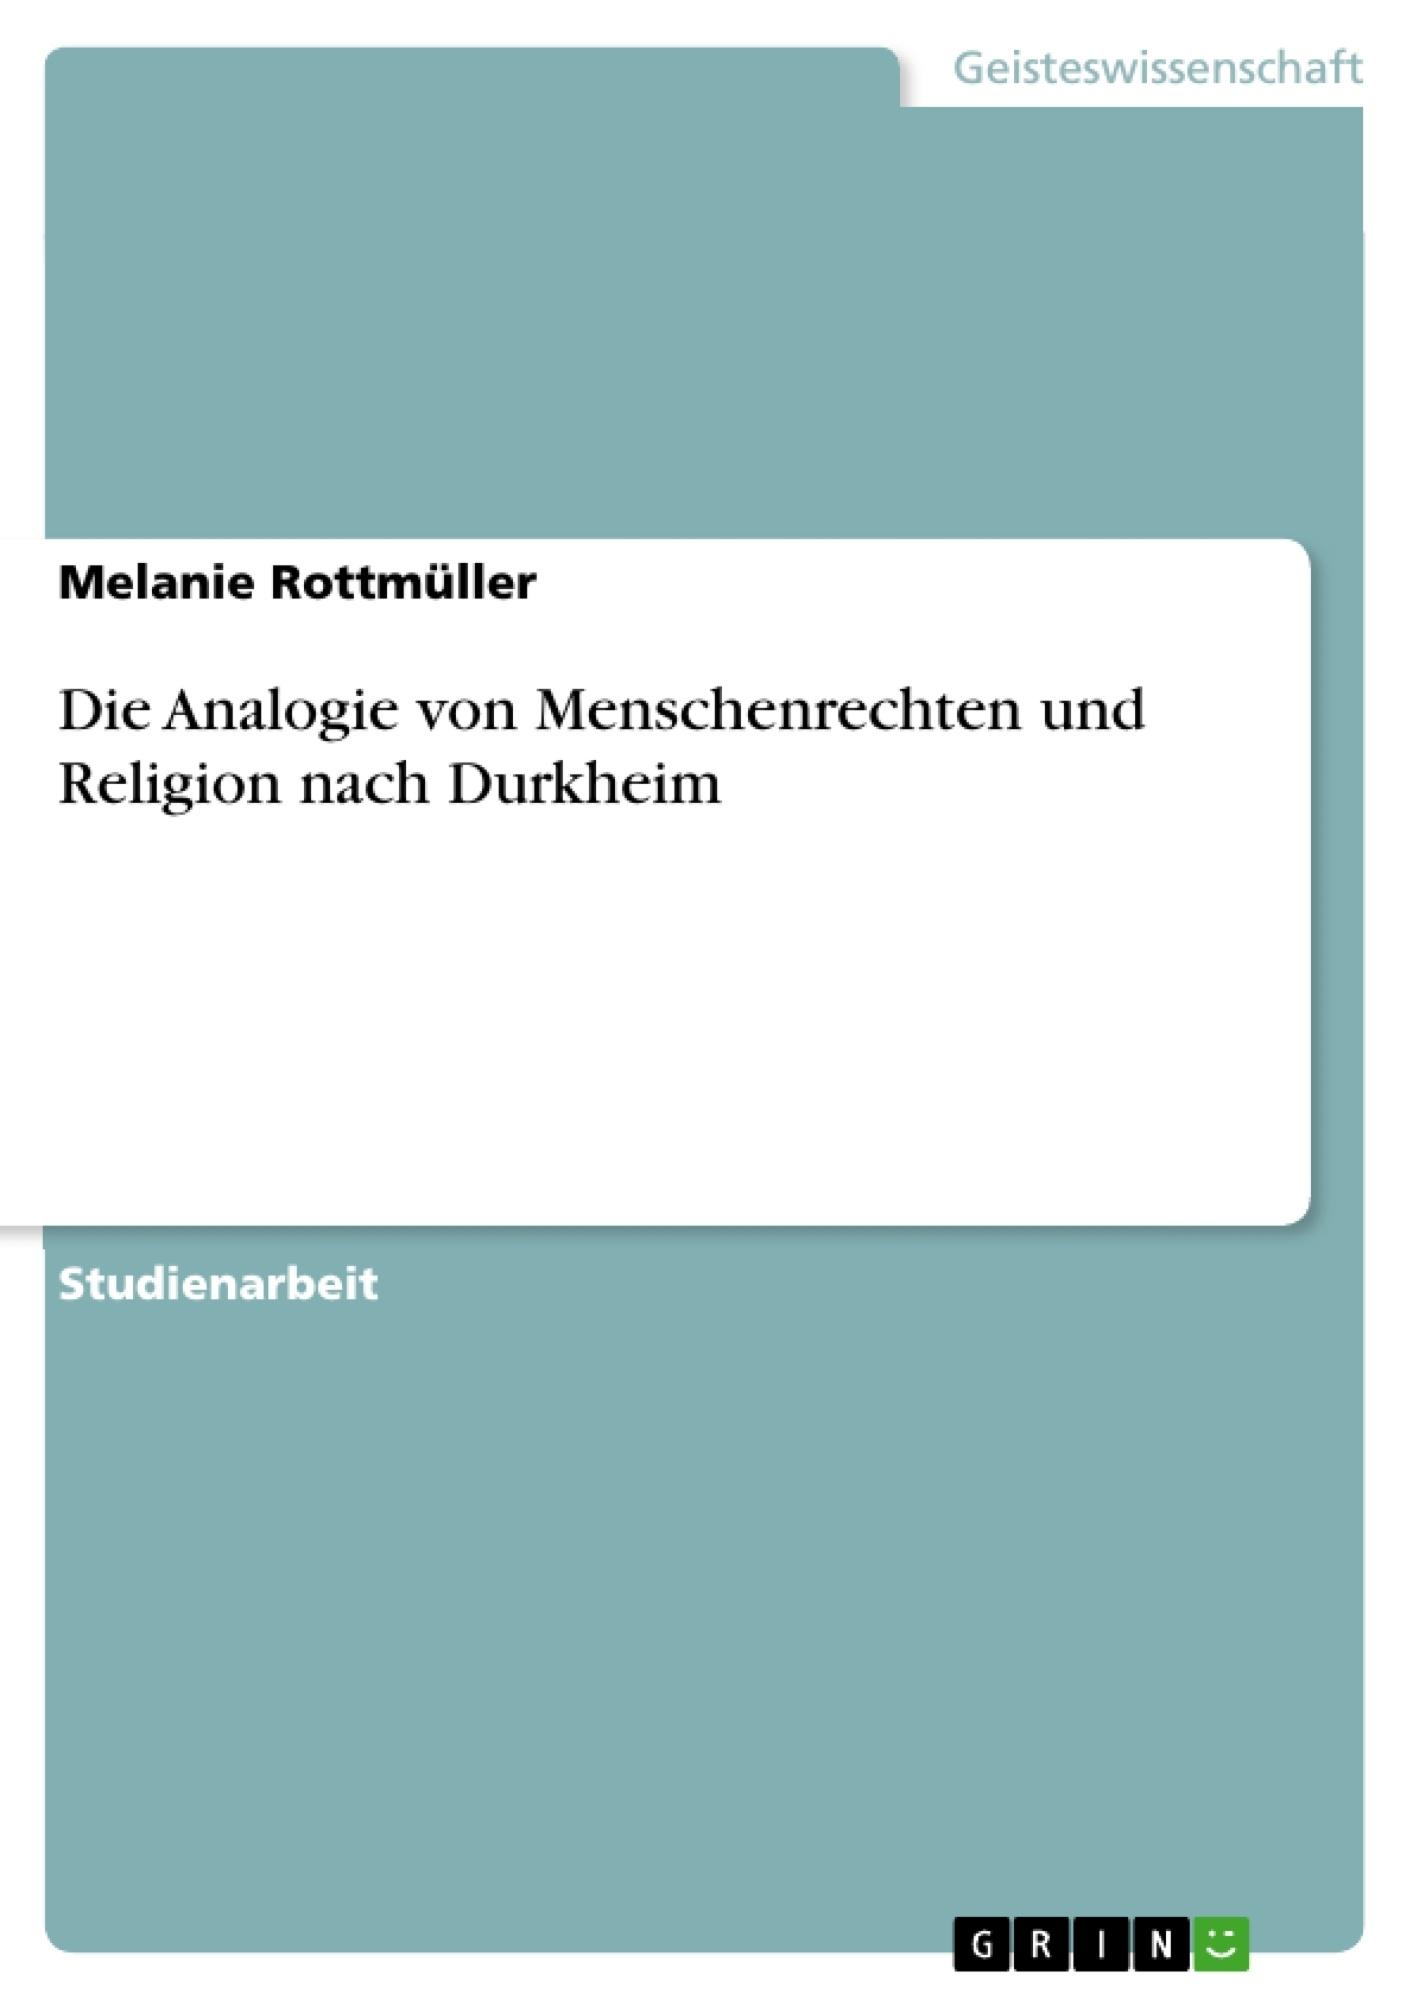 Titel: Die Analogie von Menschenrechten und Religion nach Durkheim